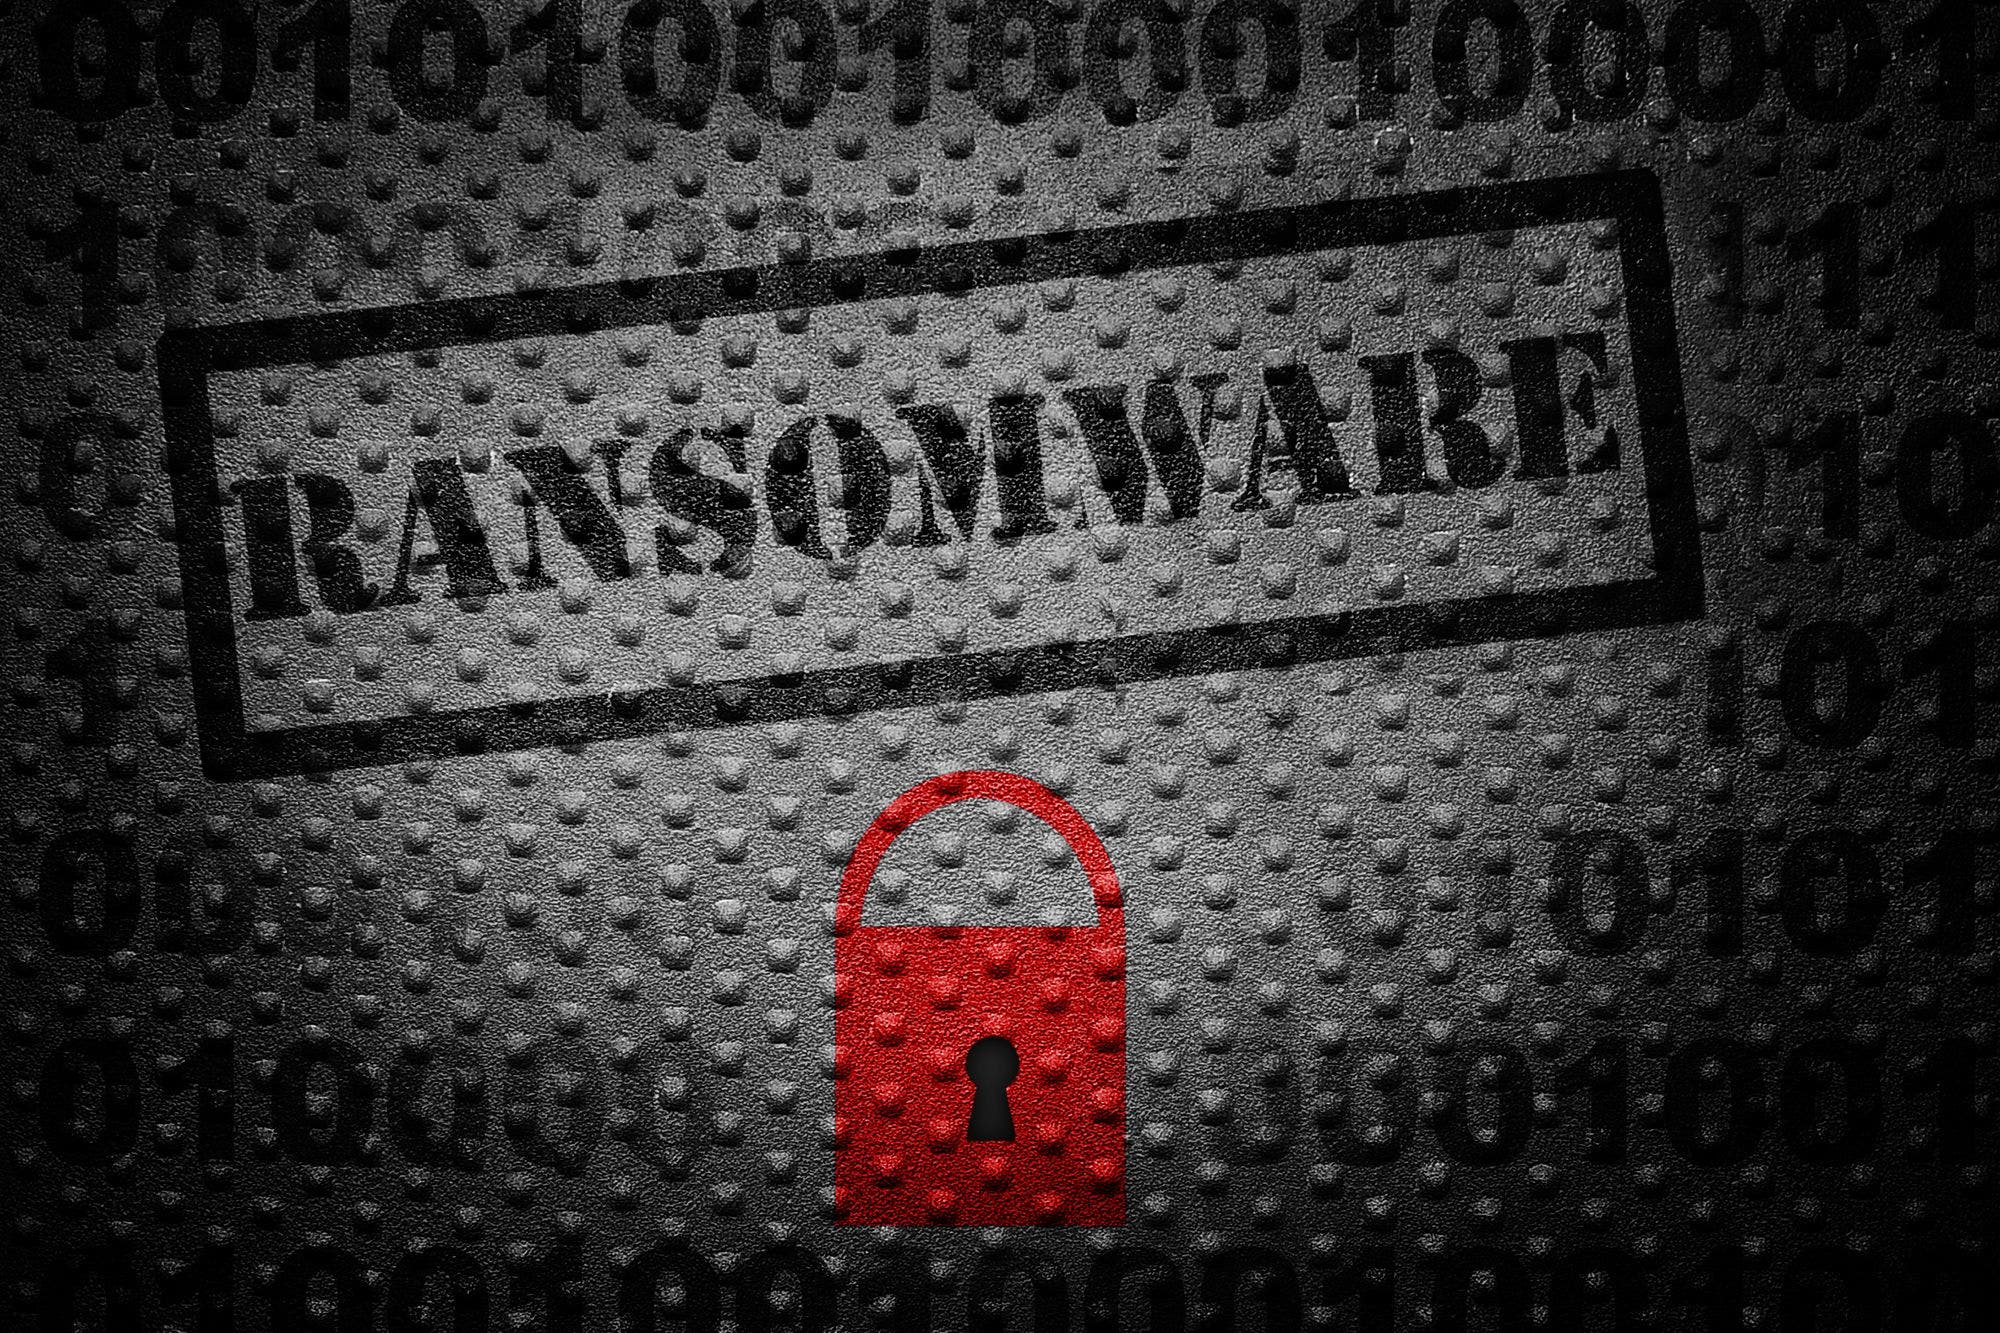 Un ataque ransomware amenaza con publicar información privada de Vialidad Nacional